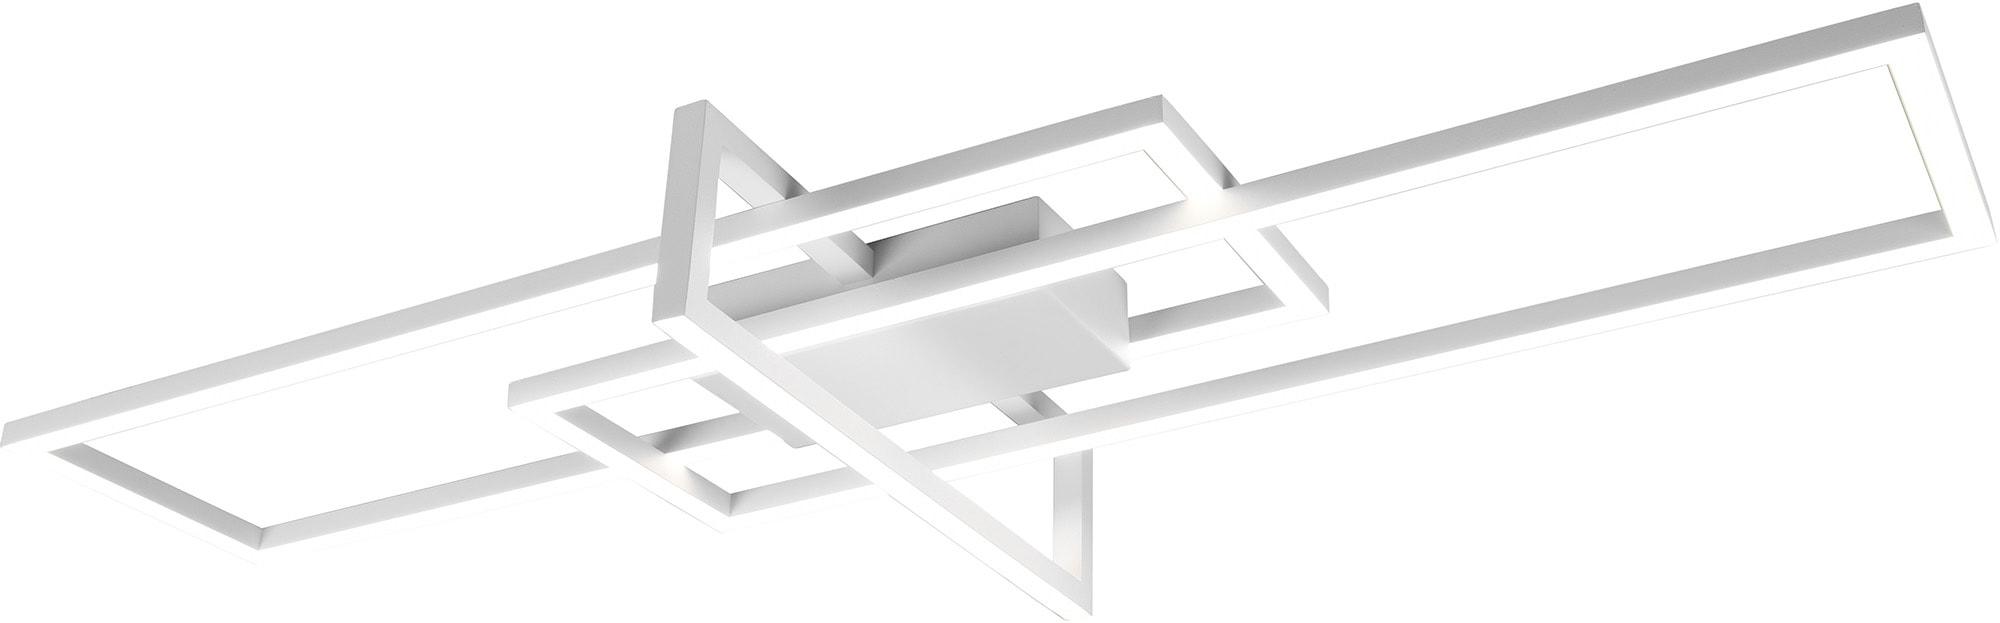 my home LED Deckenleuchte Alica, LED-Modul, 1 St., Warmweiß, Deckenlampe mit Switch Dimmer